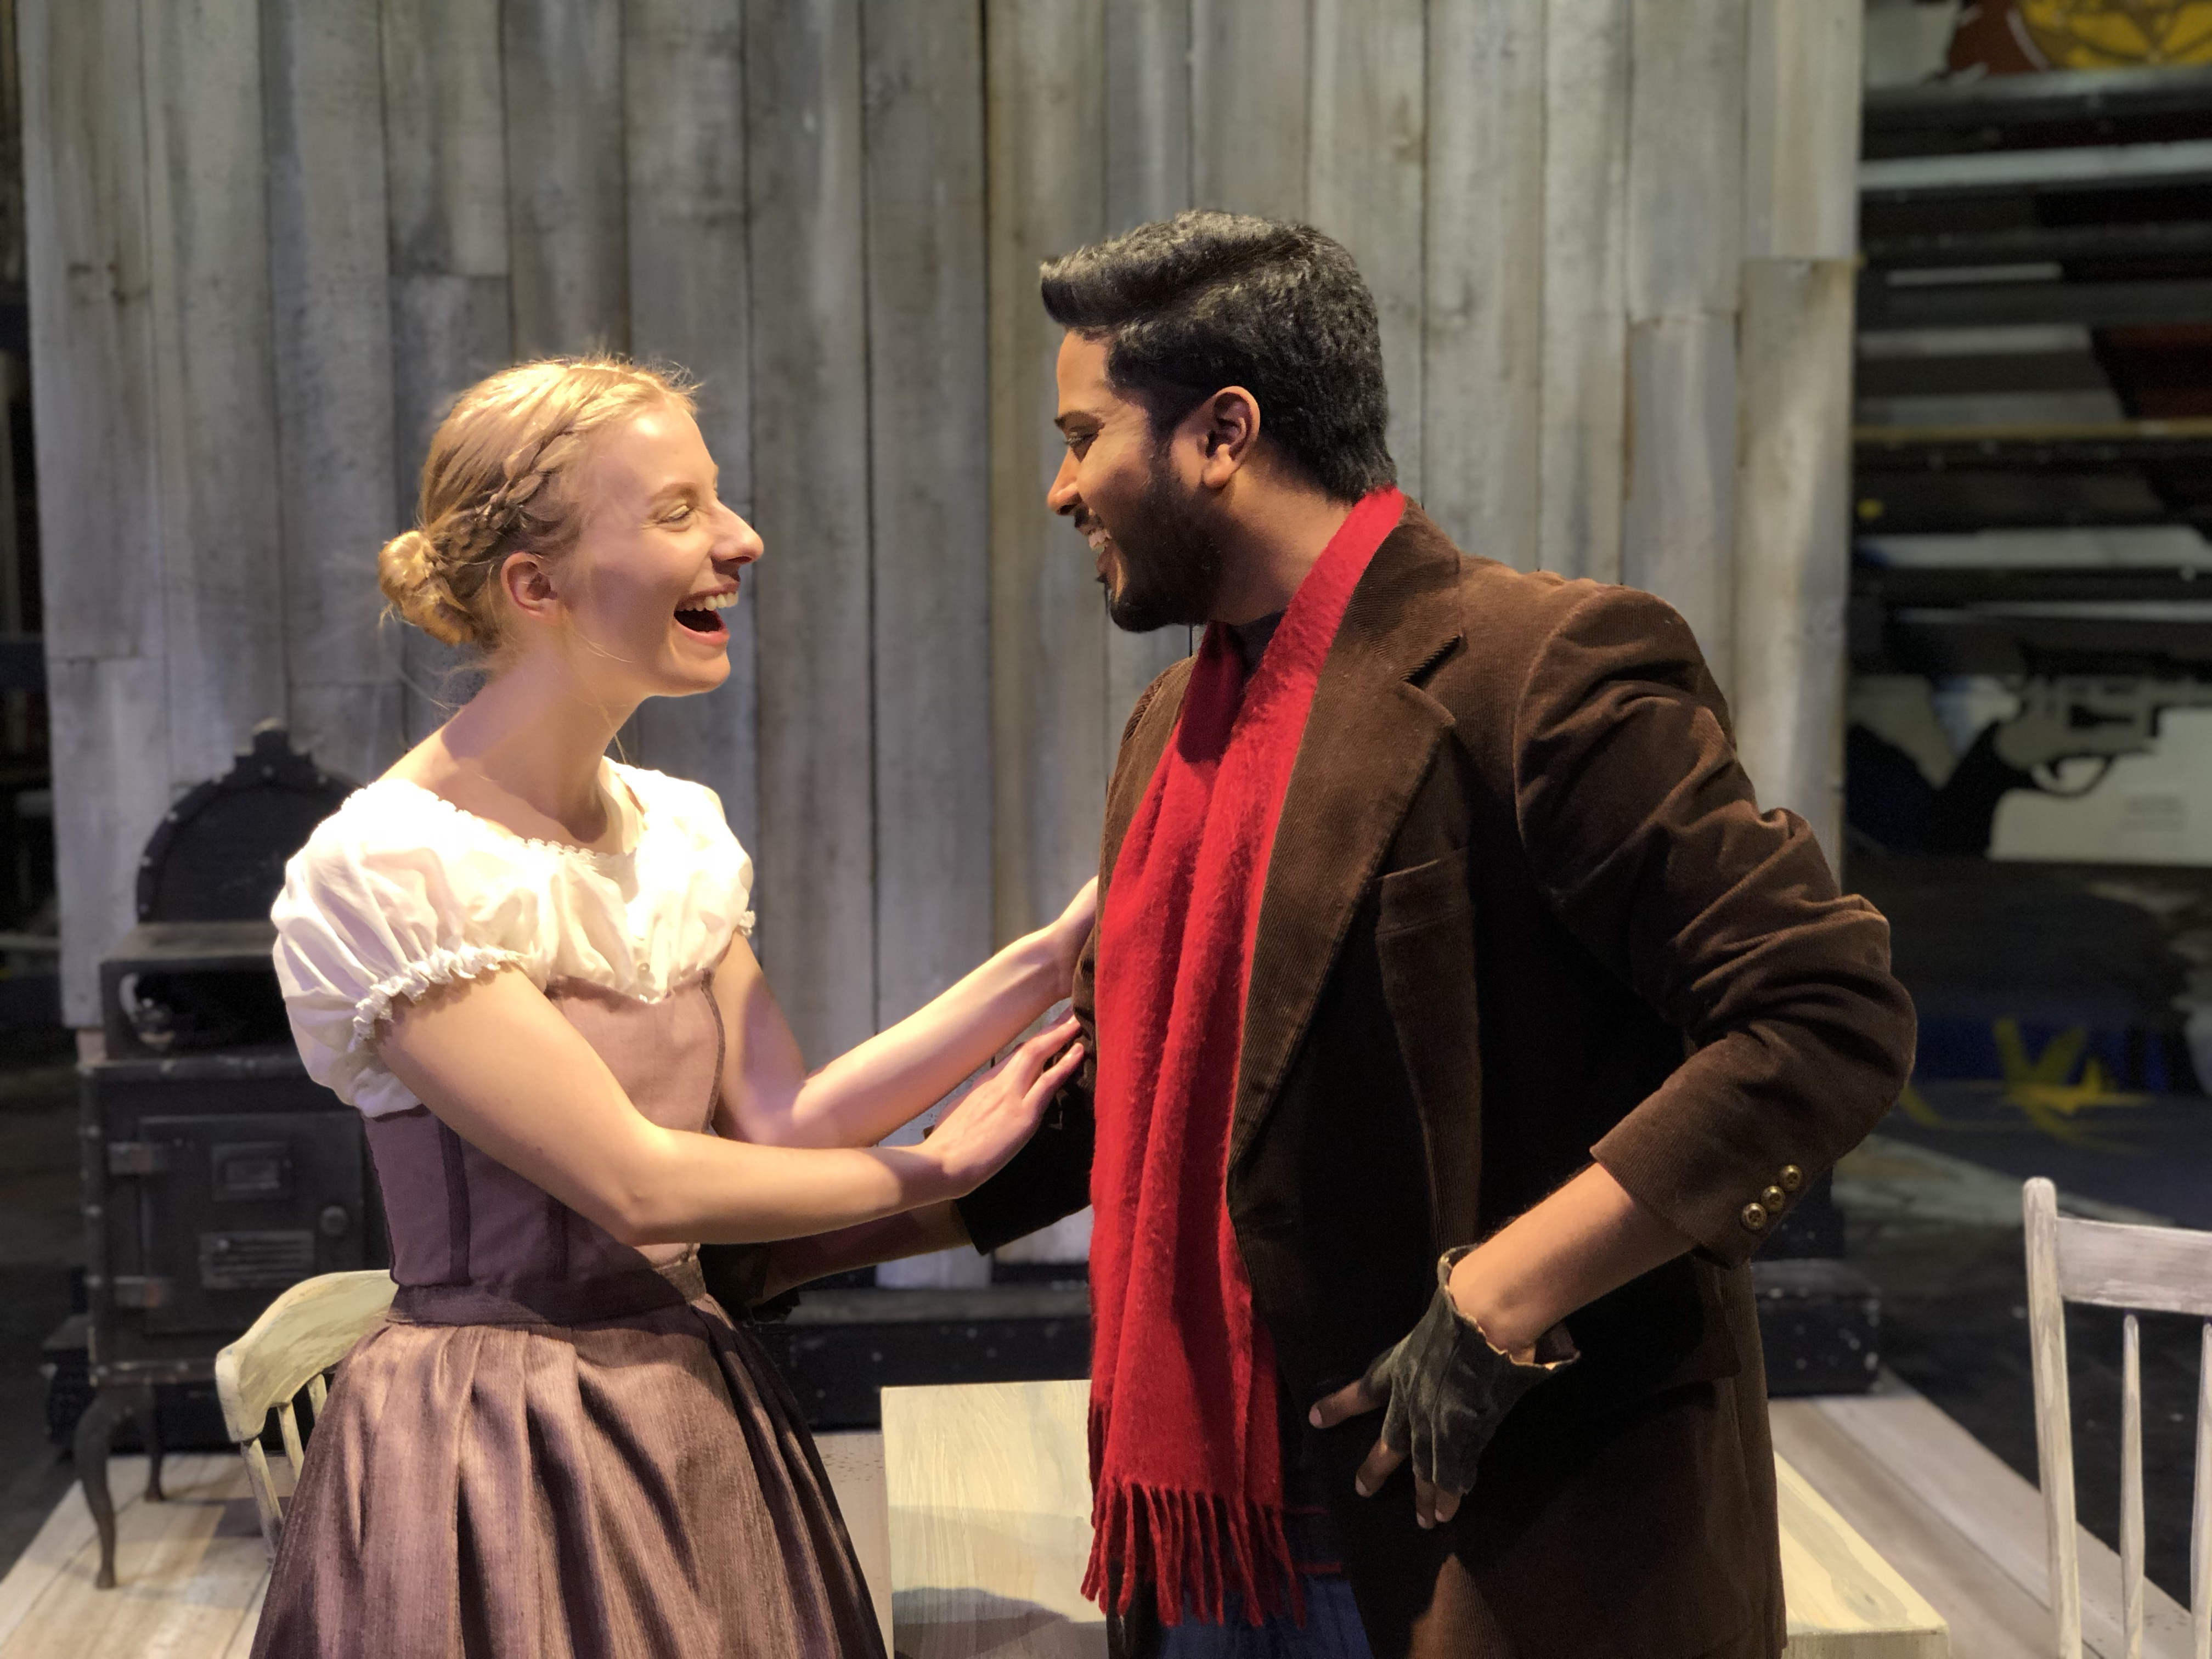 Karthik Kadam and Hannah Everett Long